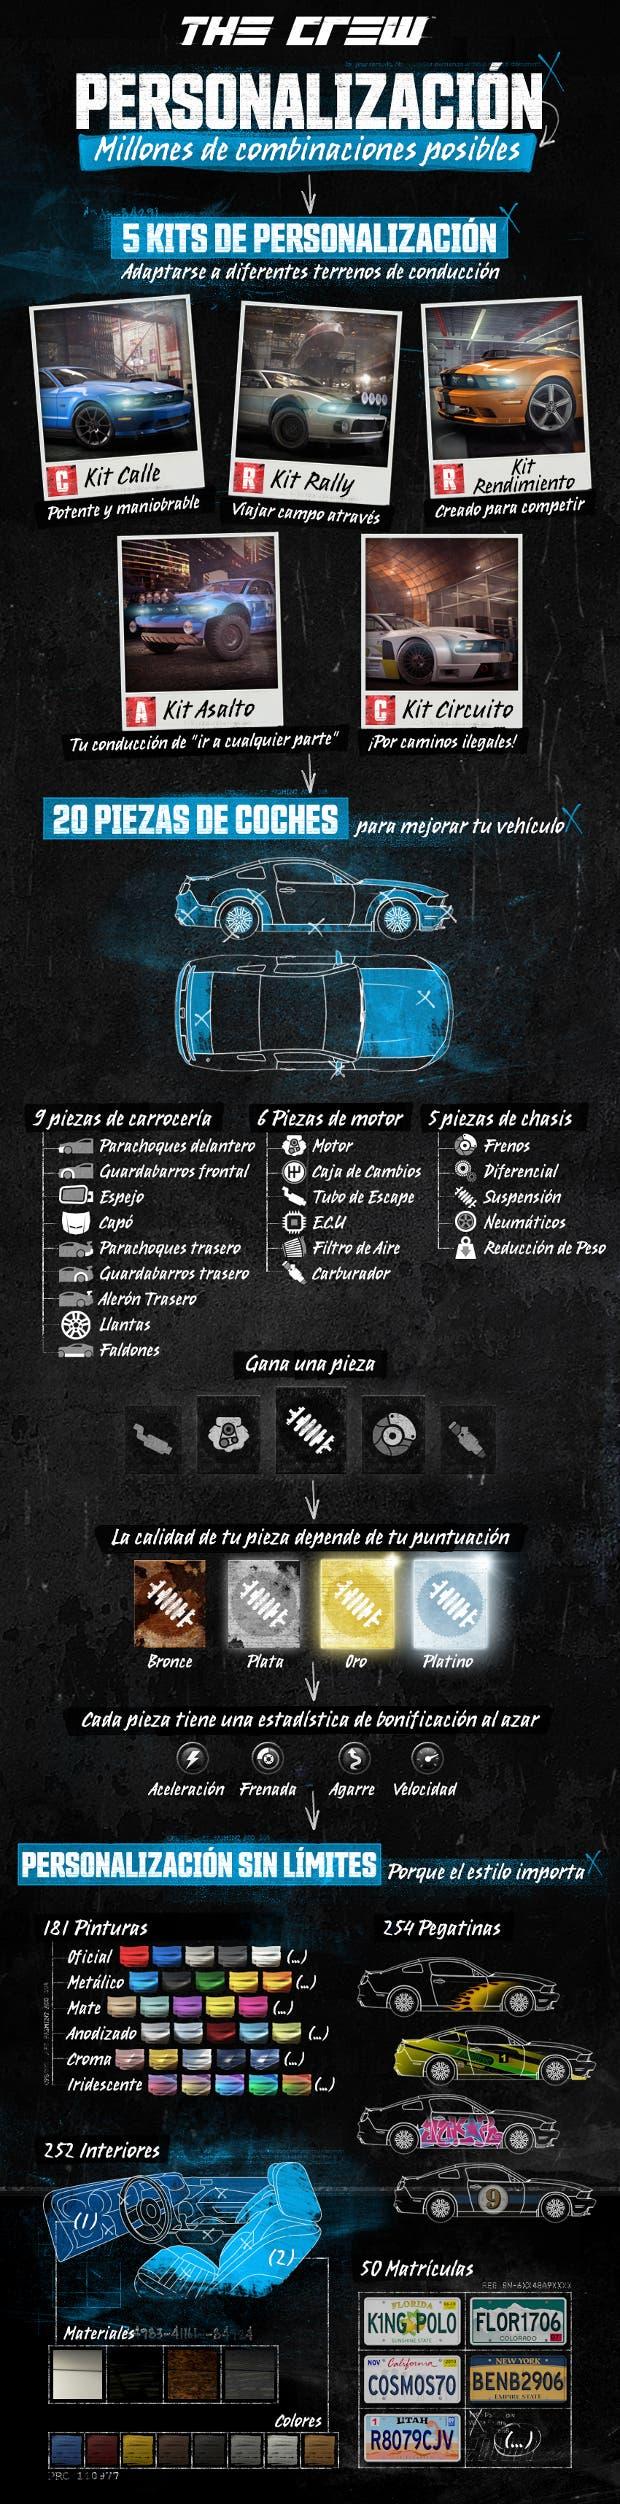 The_Crew_infographic_RPGCUSTO_SP2